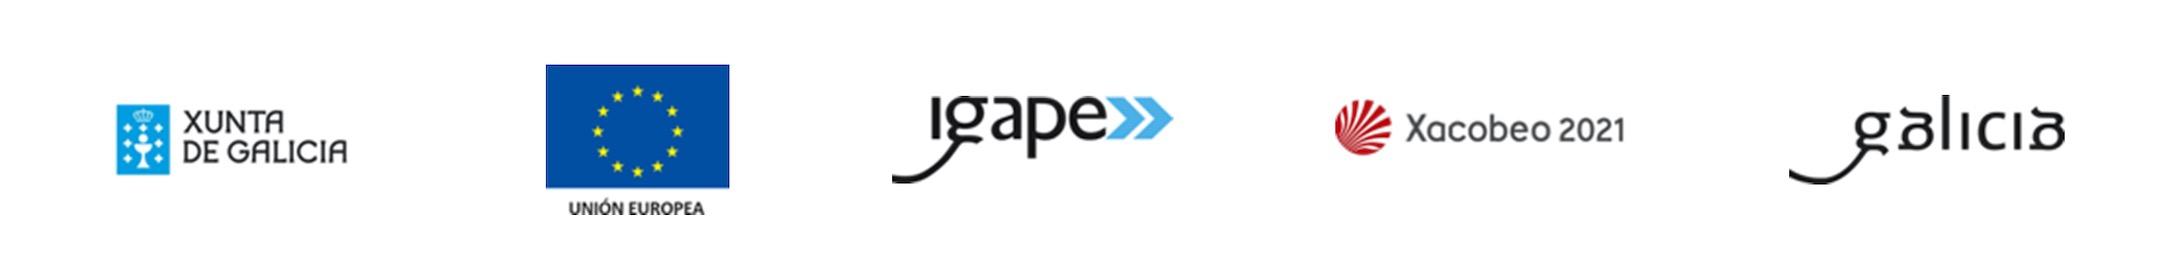 Axudas do Igape aos proxectos de investimento empresarial